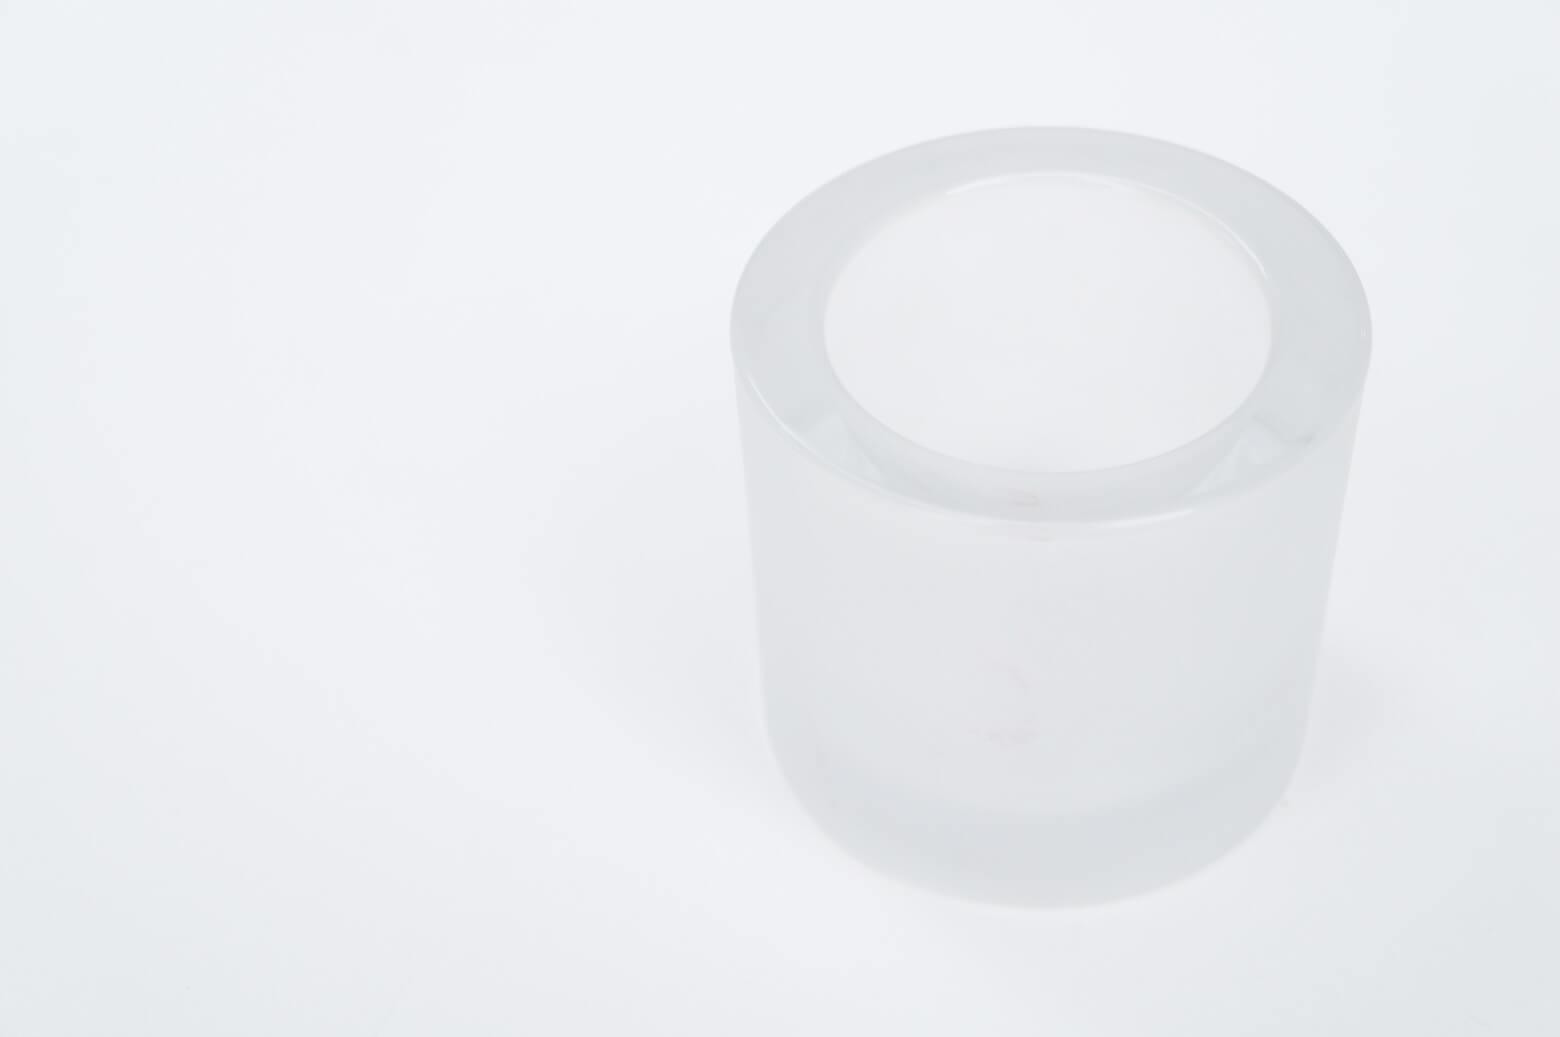 iittala × marimekko Candle Holder Kivi Frost 1 / イッタラ マリメッコ コラボ キャンドル ホルダー キビ フロスト 1